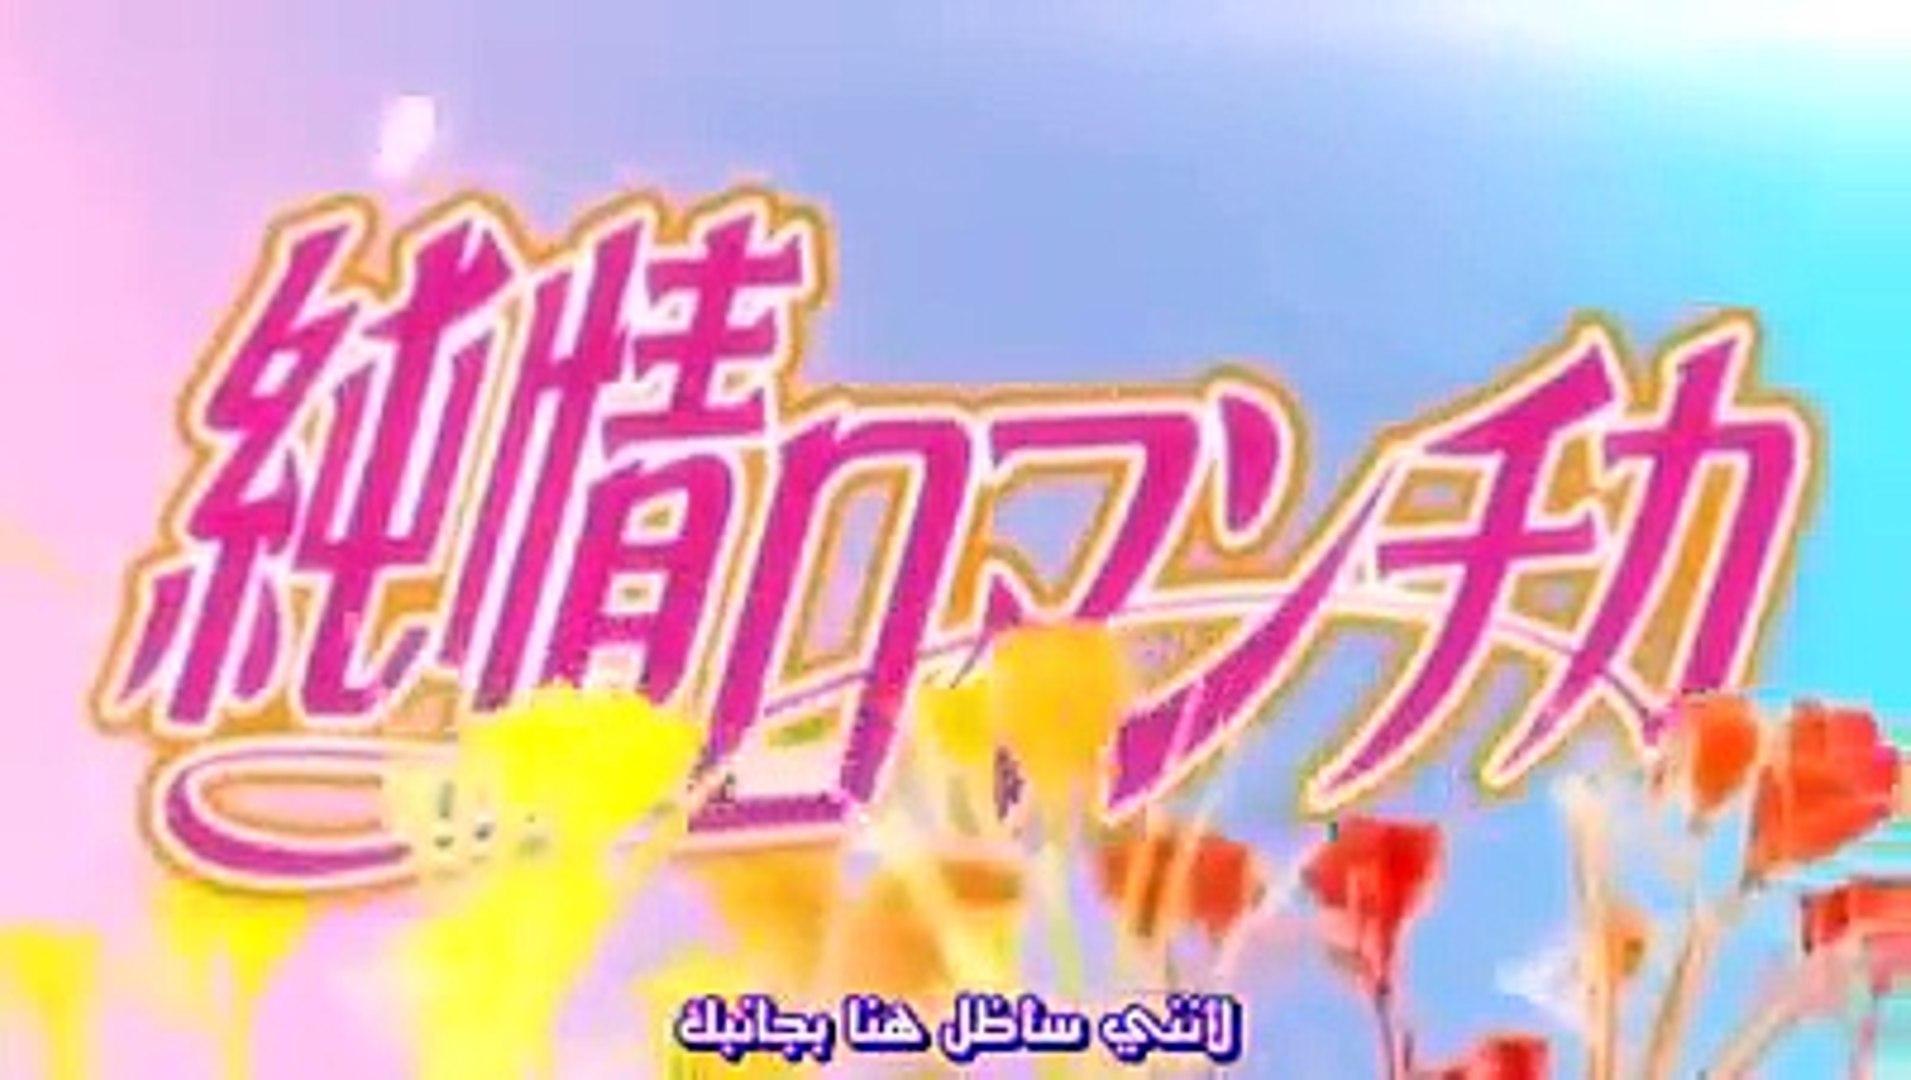 انمي ياوي جونجو روماتيكا الجزء الاول الحلقة 4 Dailymotion Video